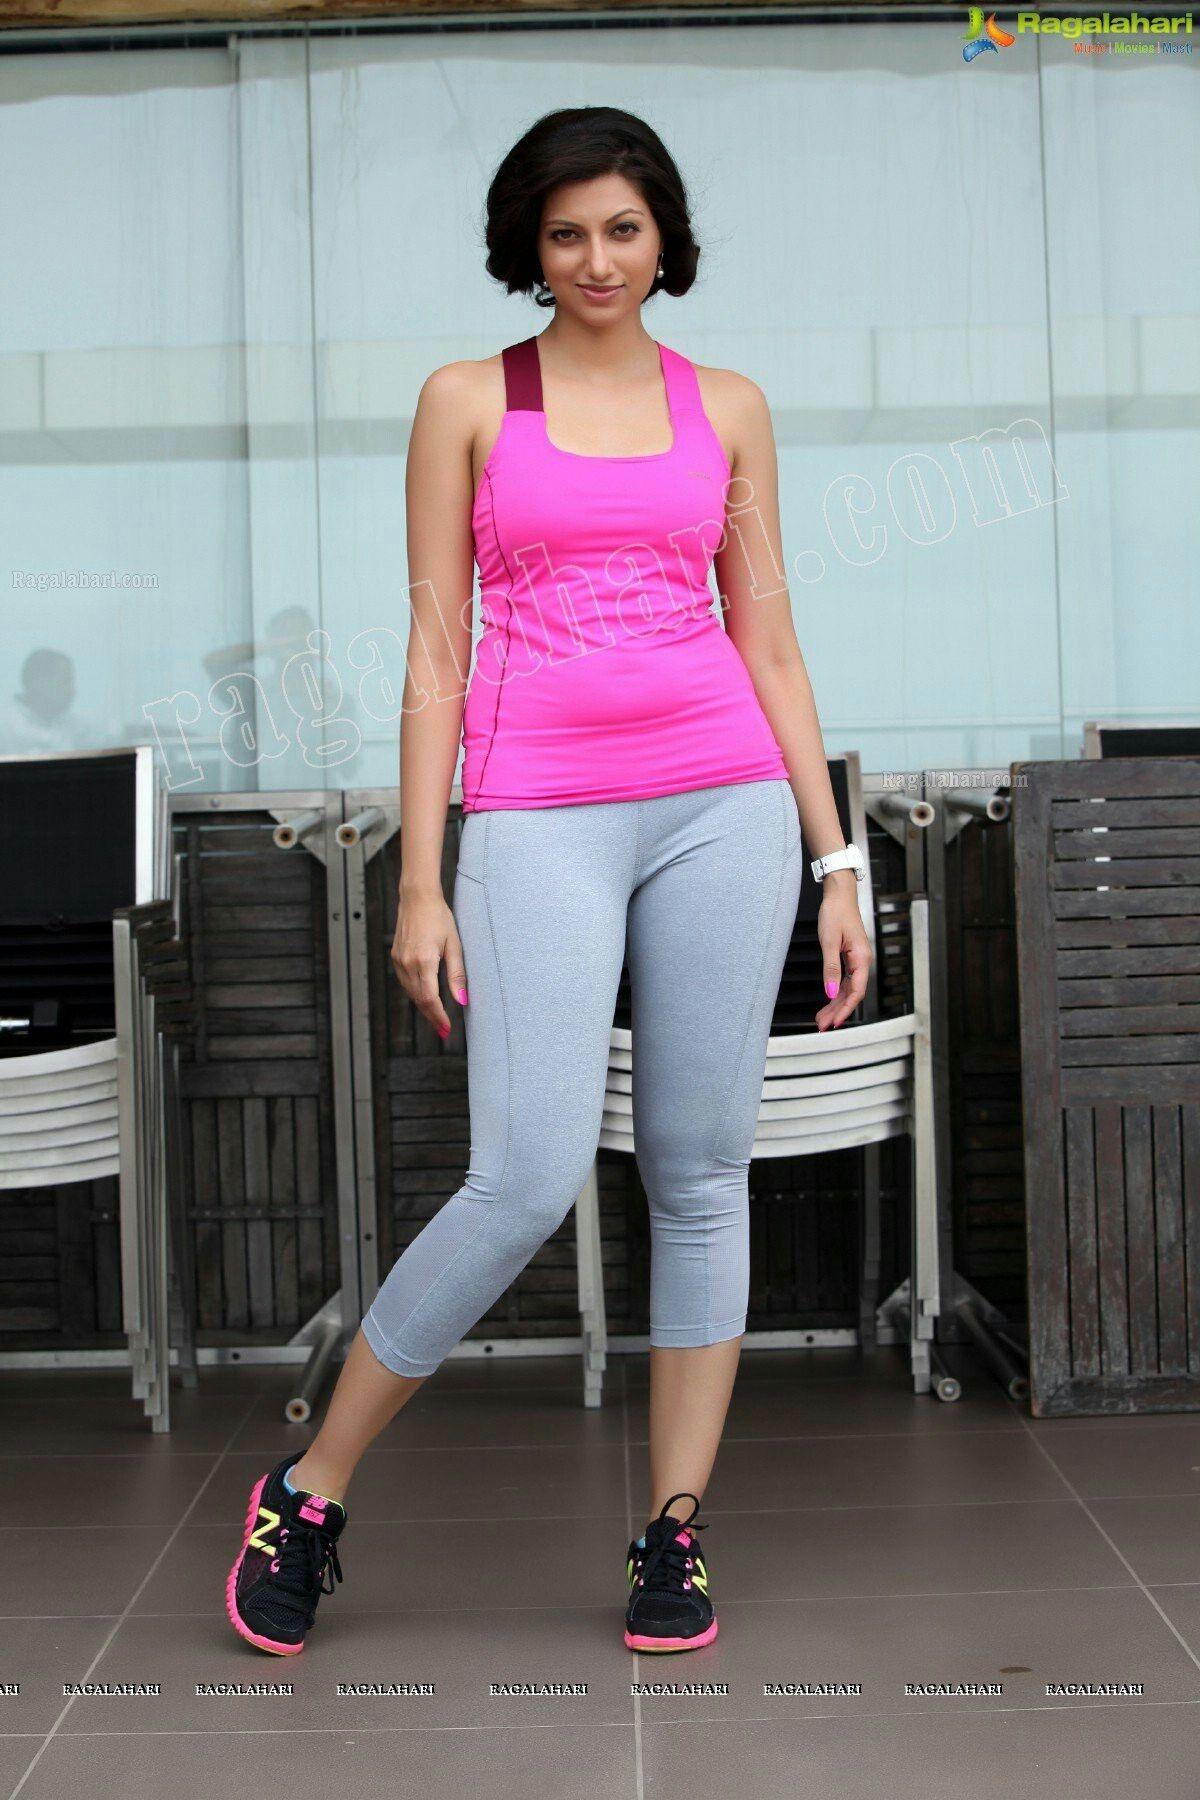 Aishwarya Rai Yoga Photo | Yoga pants hot, Hot pants ...